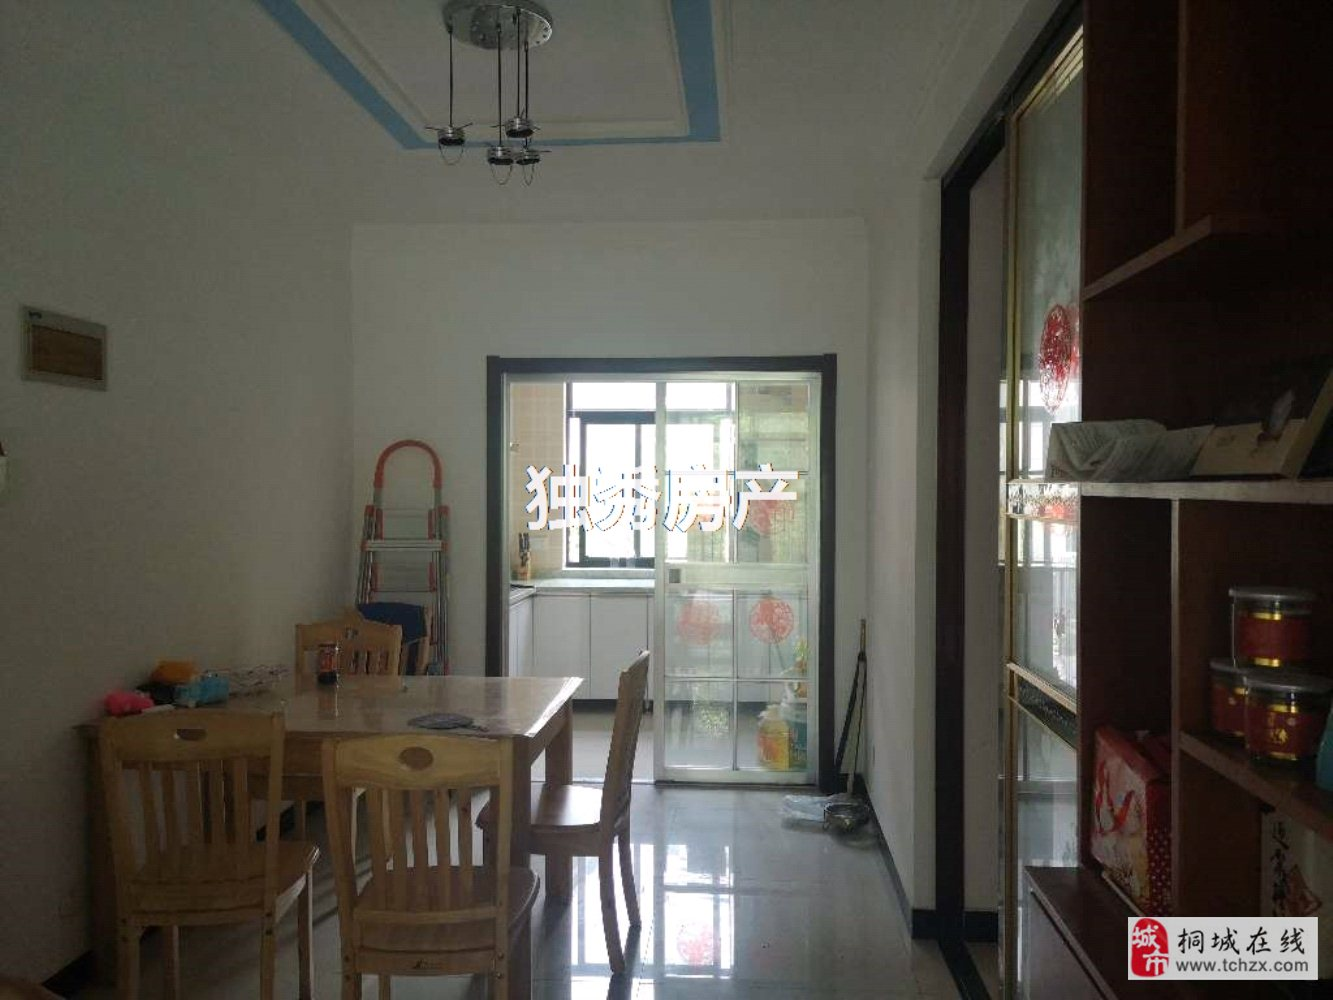 出售仙龙湖七里香溪精装房2室2厅1卫55万元